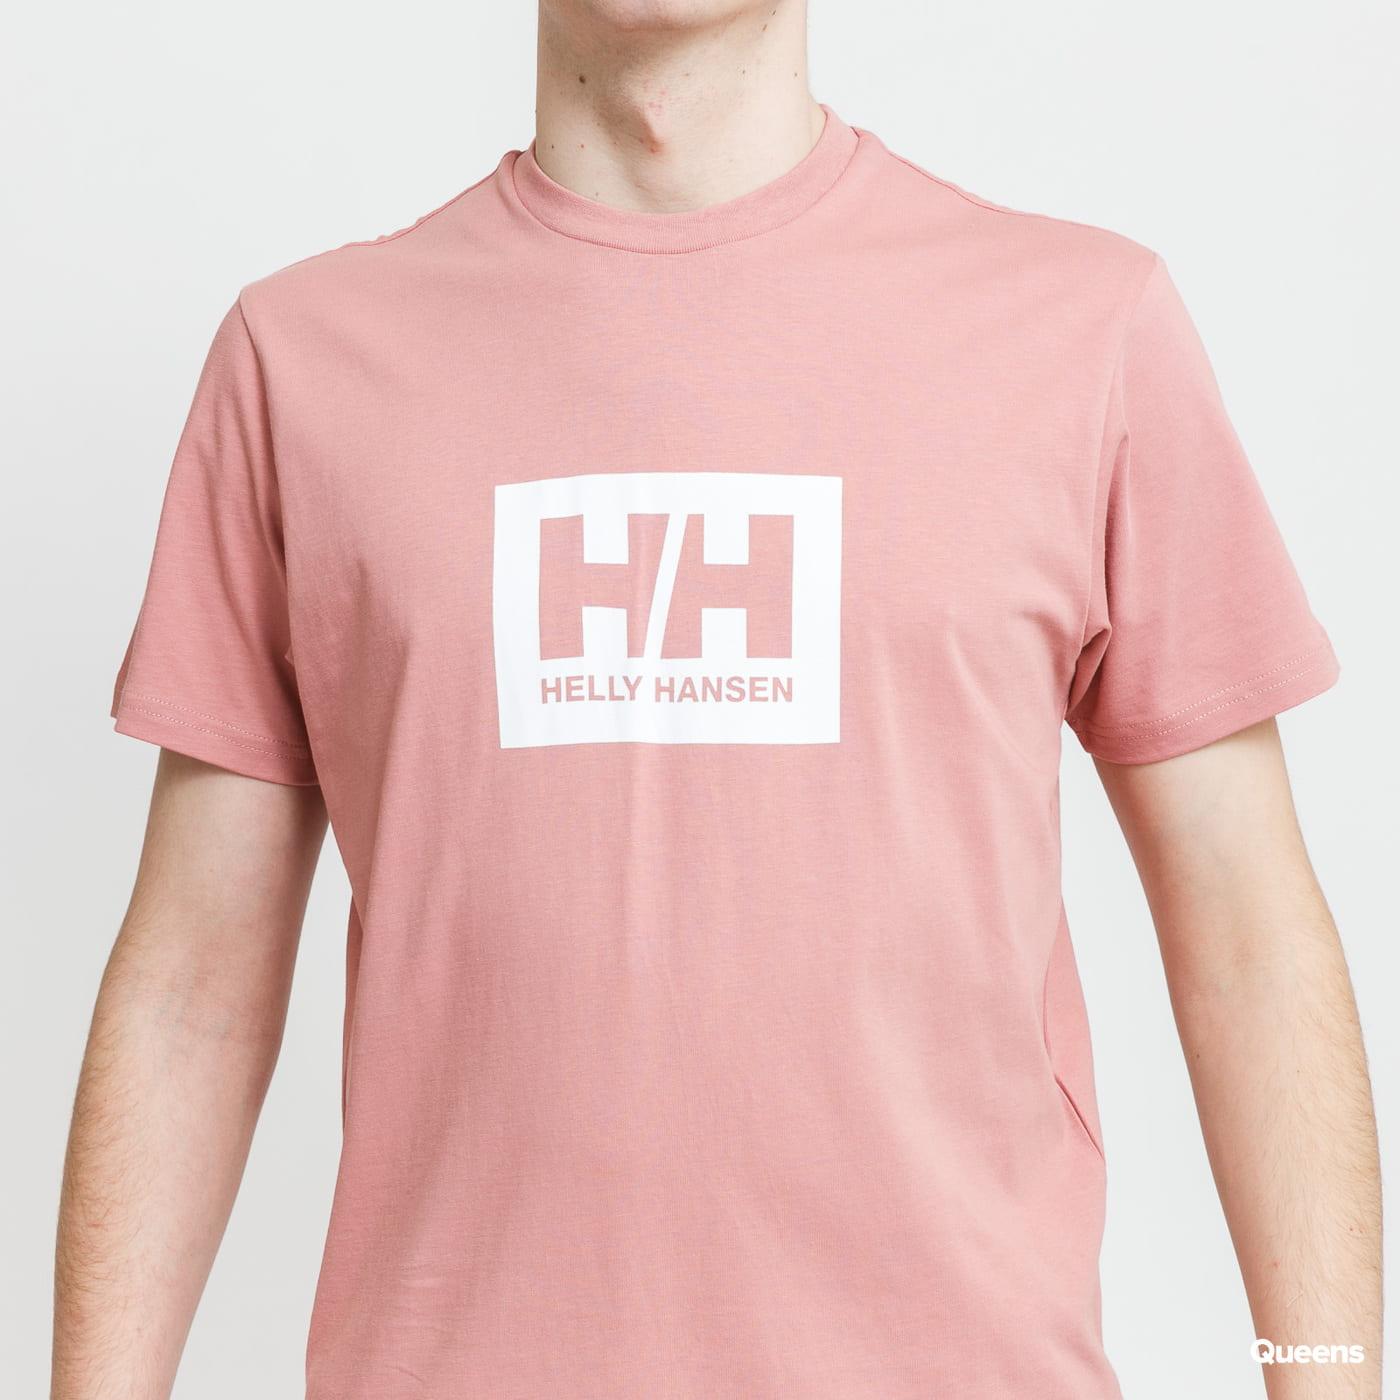 Helly Hansen Tokyo T-Shirt dunkelrosa